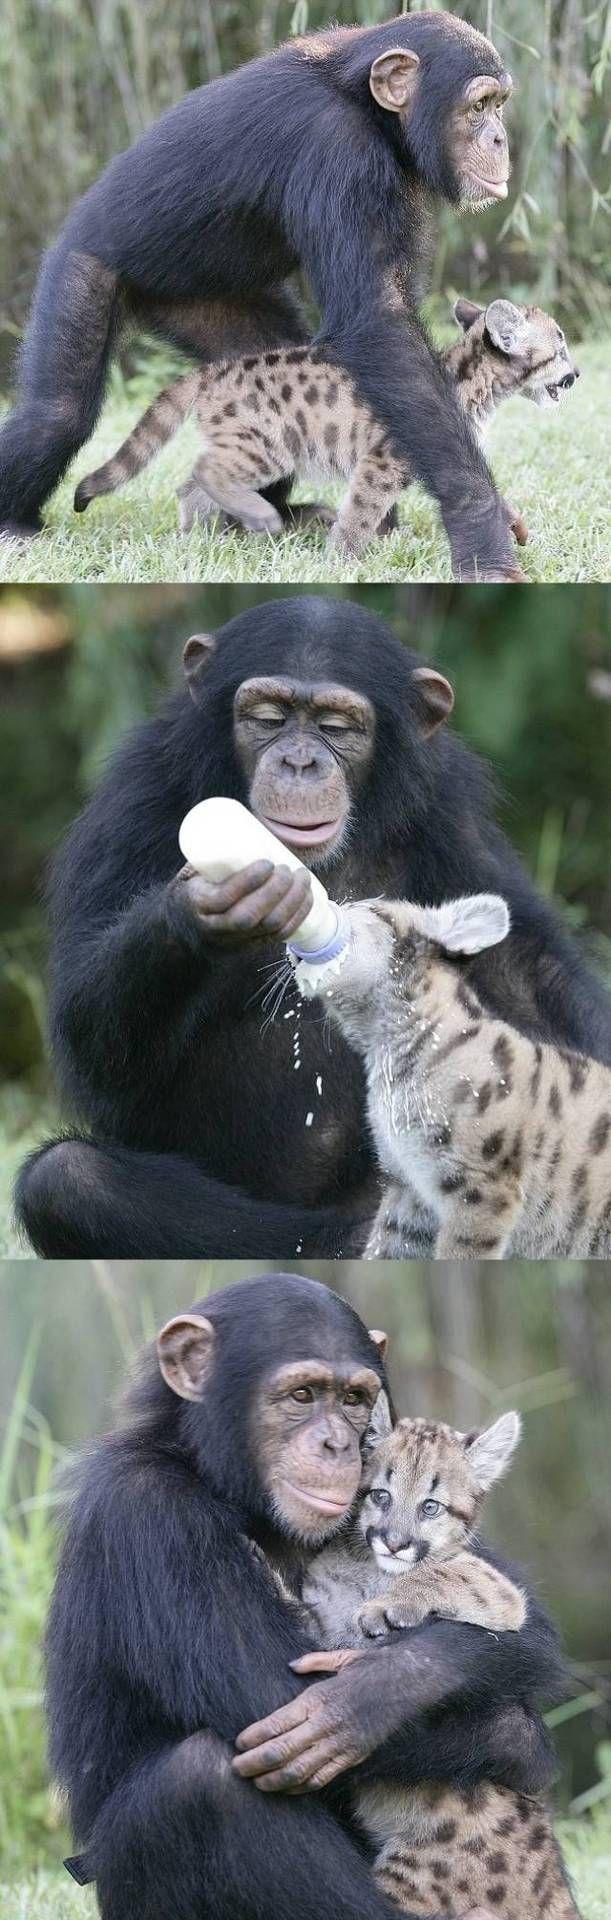 Porque la humanidad de los animales es superior a la de nuestra raza muchas veces...